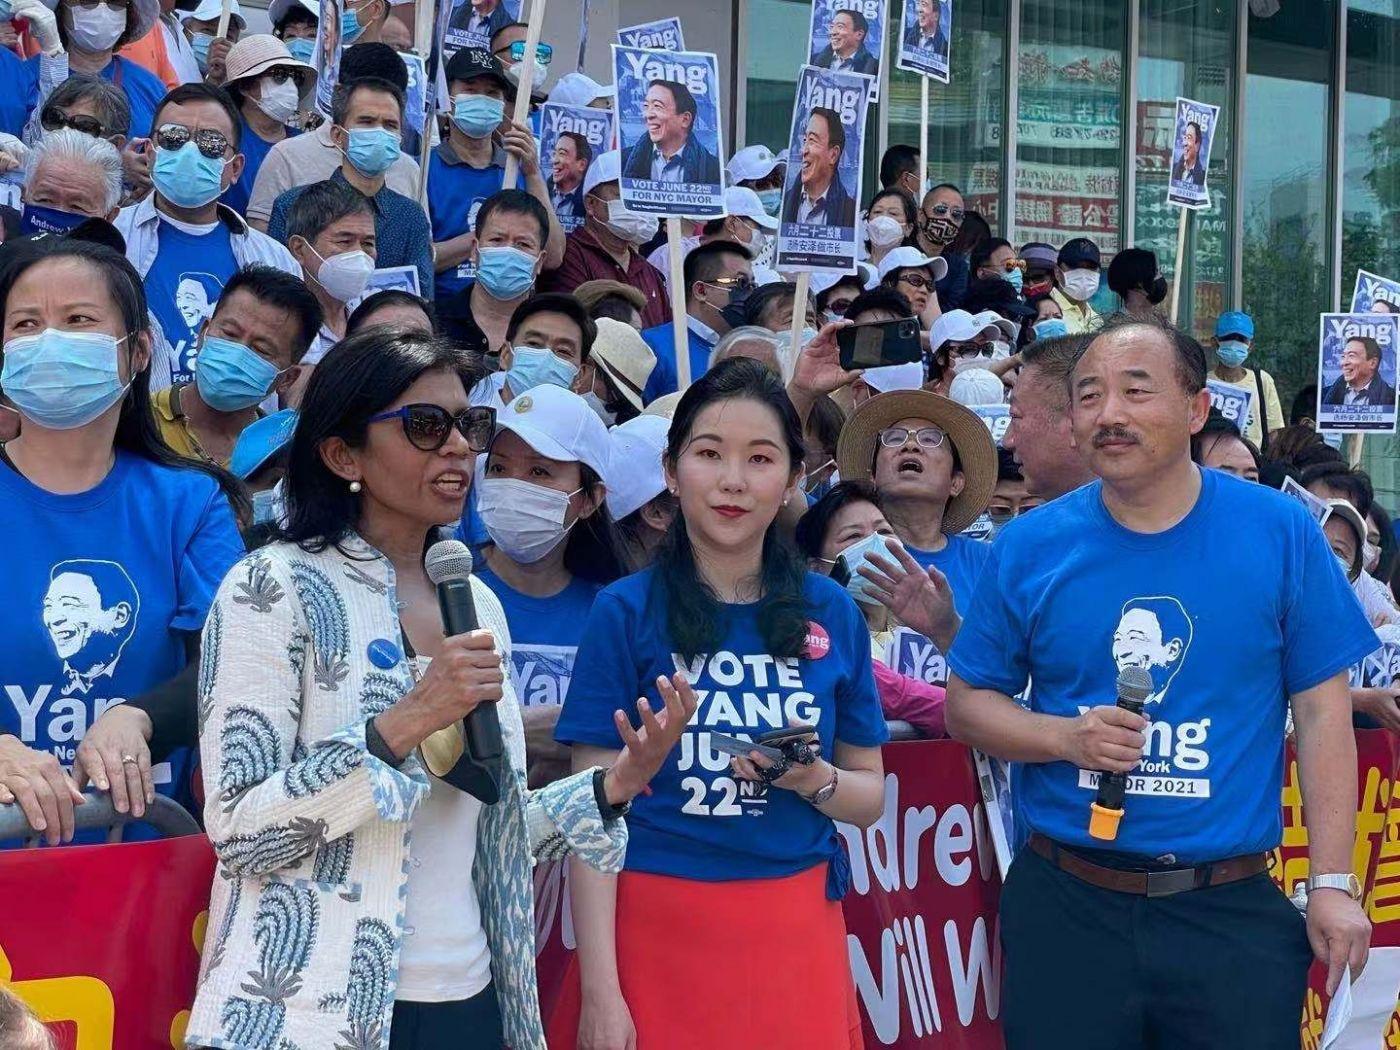 美国V视:支持杨安泽,团结就会赢!_图1-4